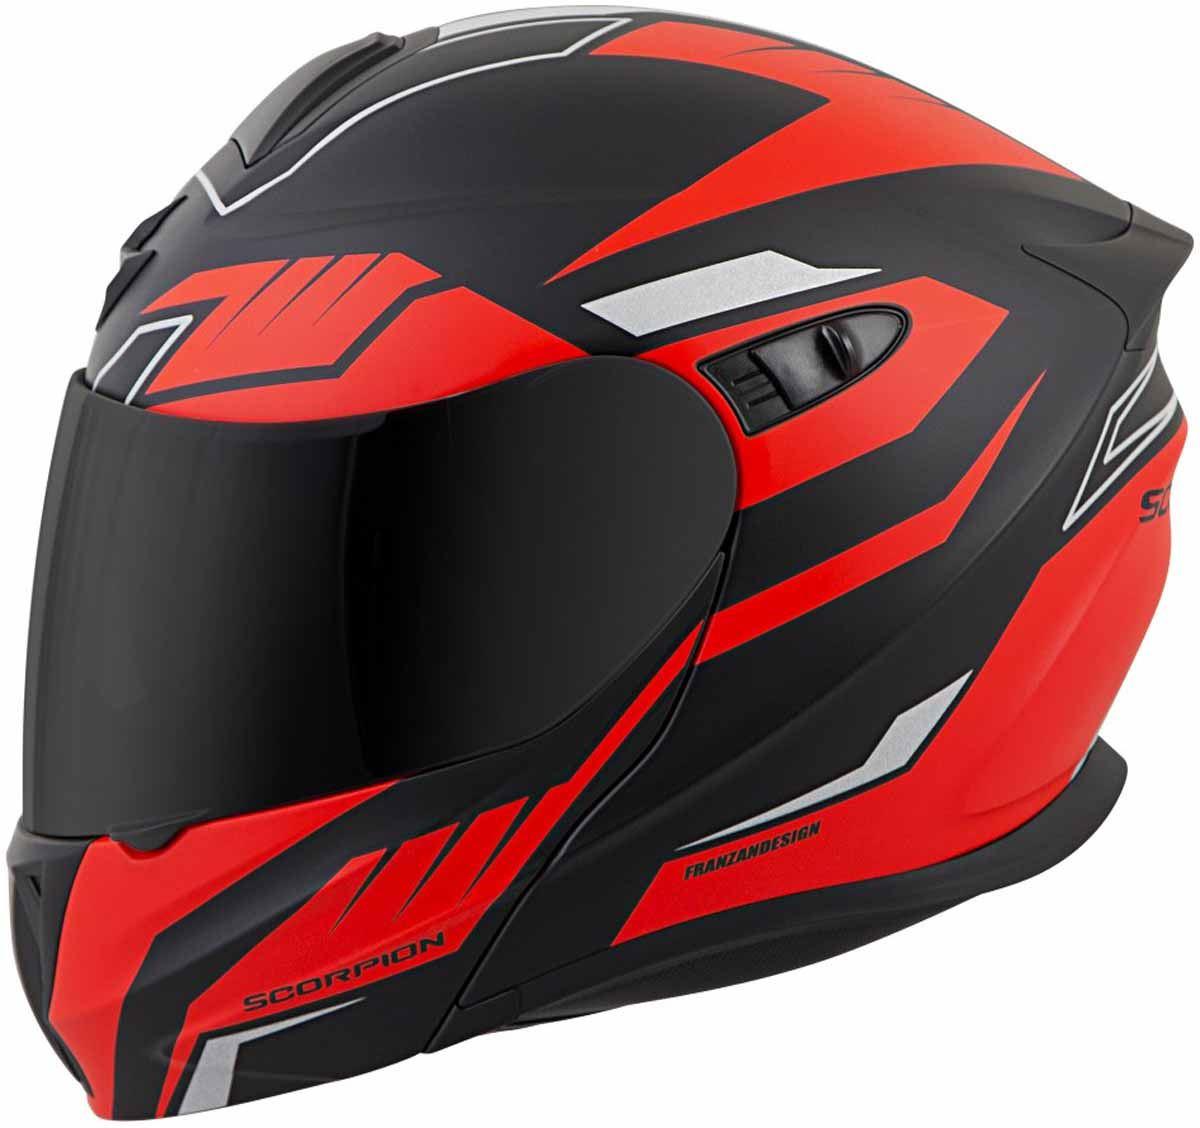 Scorpion-EXO-GT920-Helmet-Sport-Touring-Modular-Flip-Up-DOT-Approved-XS-3XL miniature 39